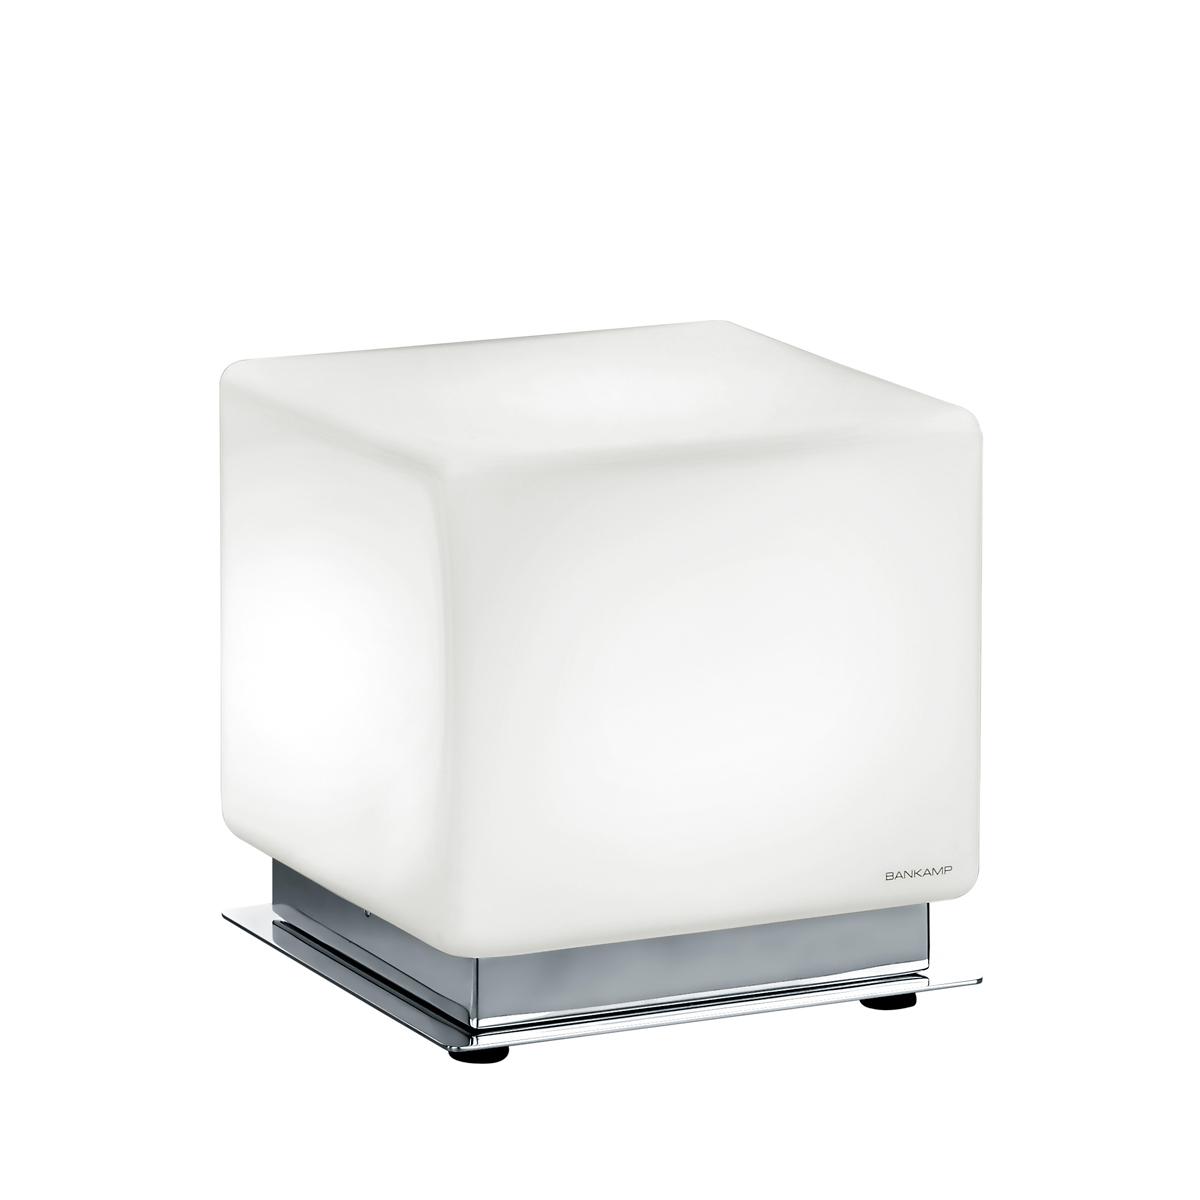 Bankamp Cubus Tischleuchte 5960/1-02